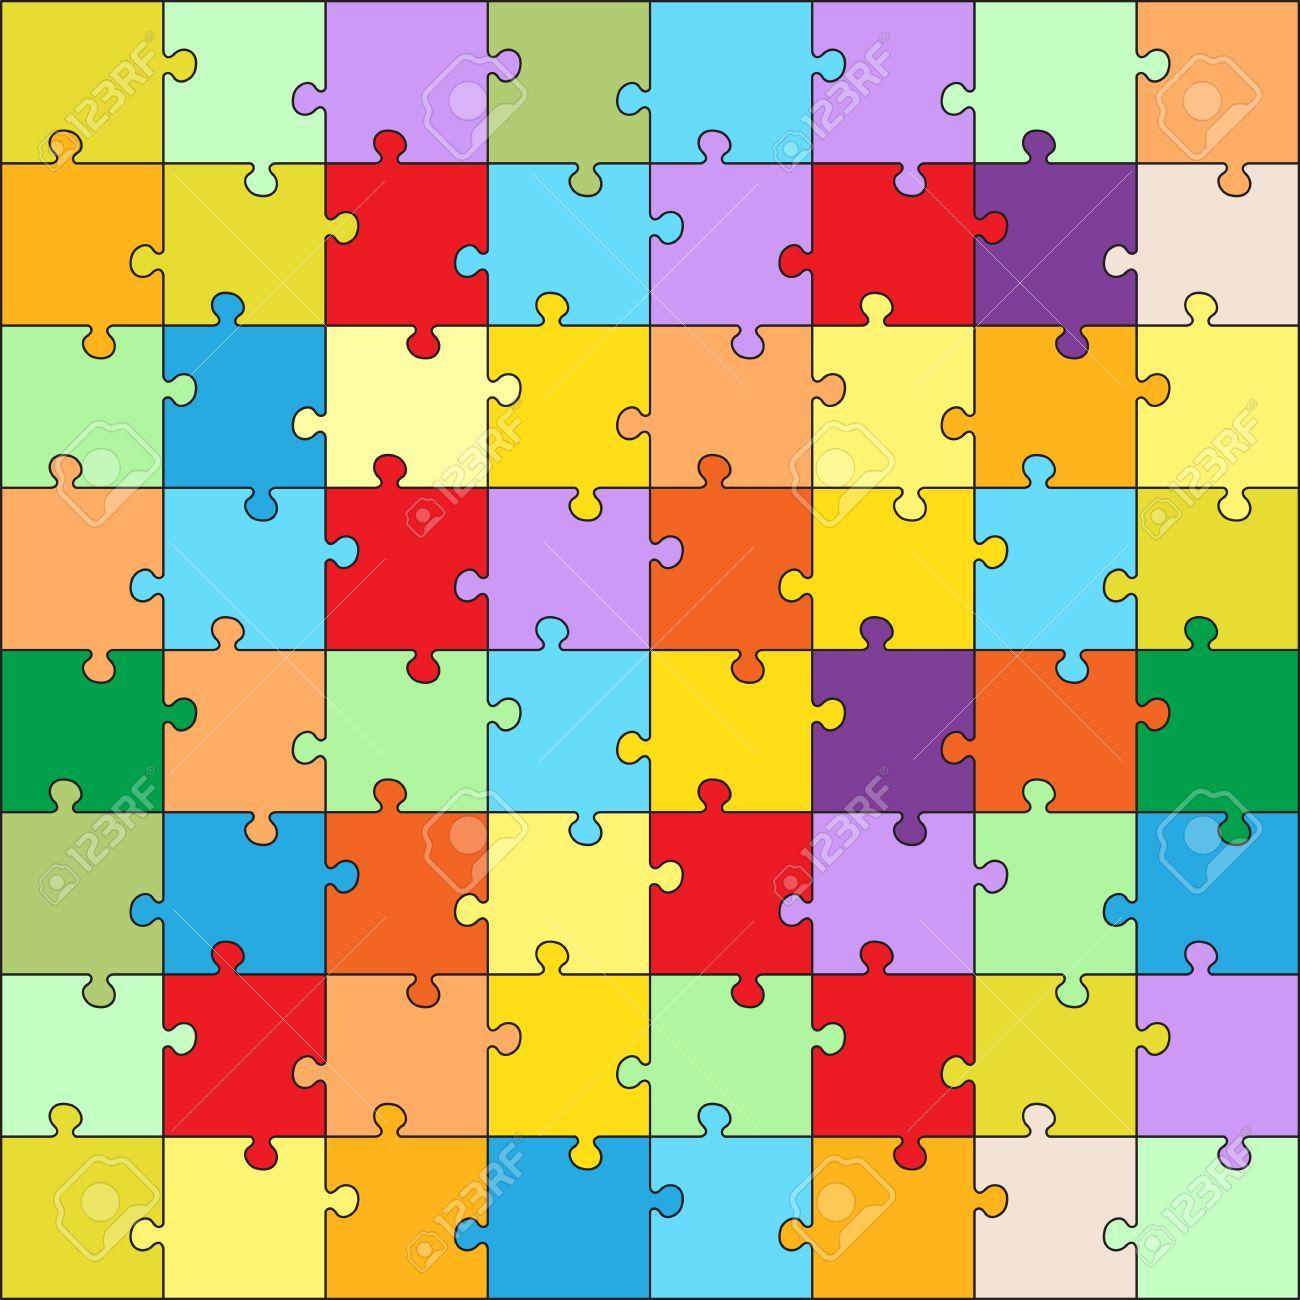 Vecteur Jeu De Puzzle Pour Les Enfants. Texture Puzzle. Jeu De Puzzle Pour  Enfant. Visuel, Rébus, Puzzle, Jeu Éducatif Pour Les Enfants D'âge destiné Jeux De Puzzle Enfant